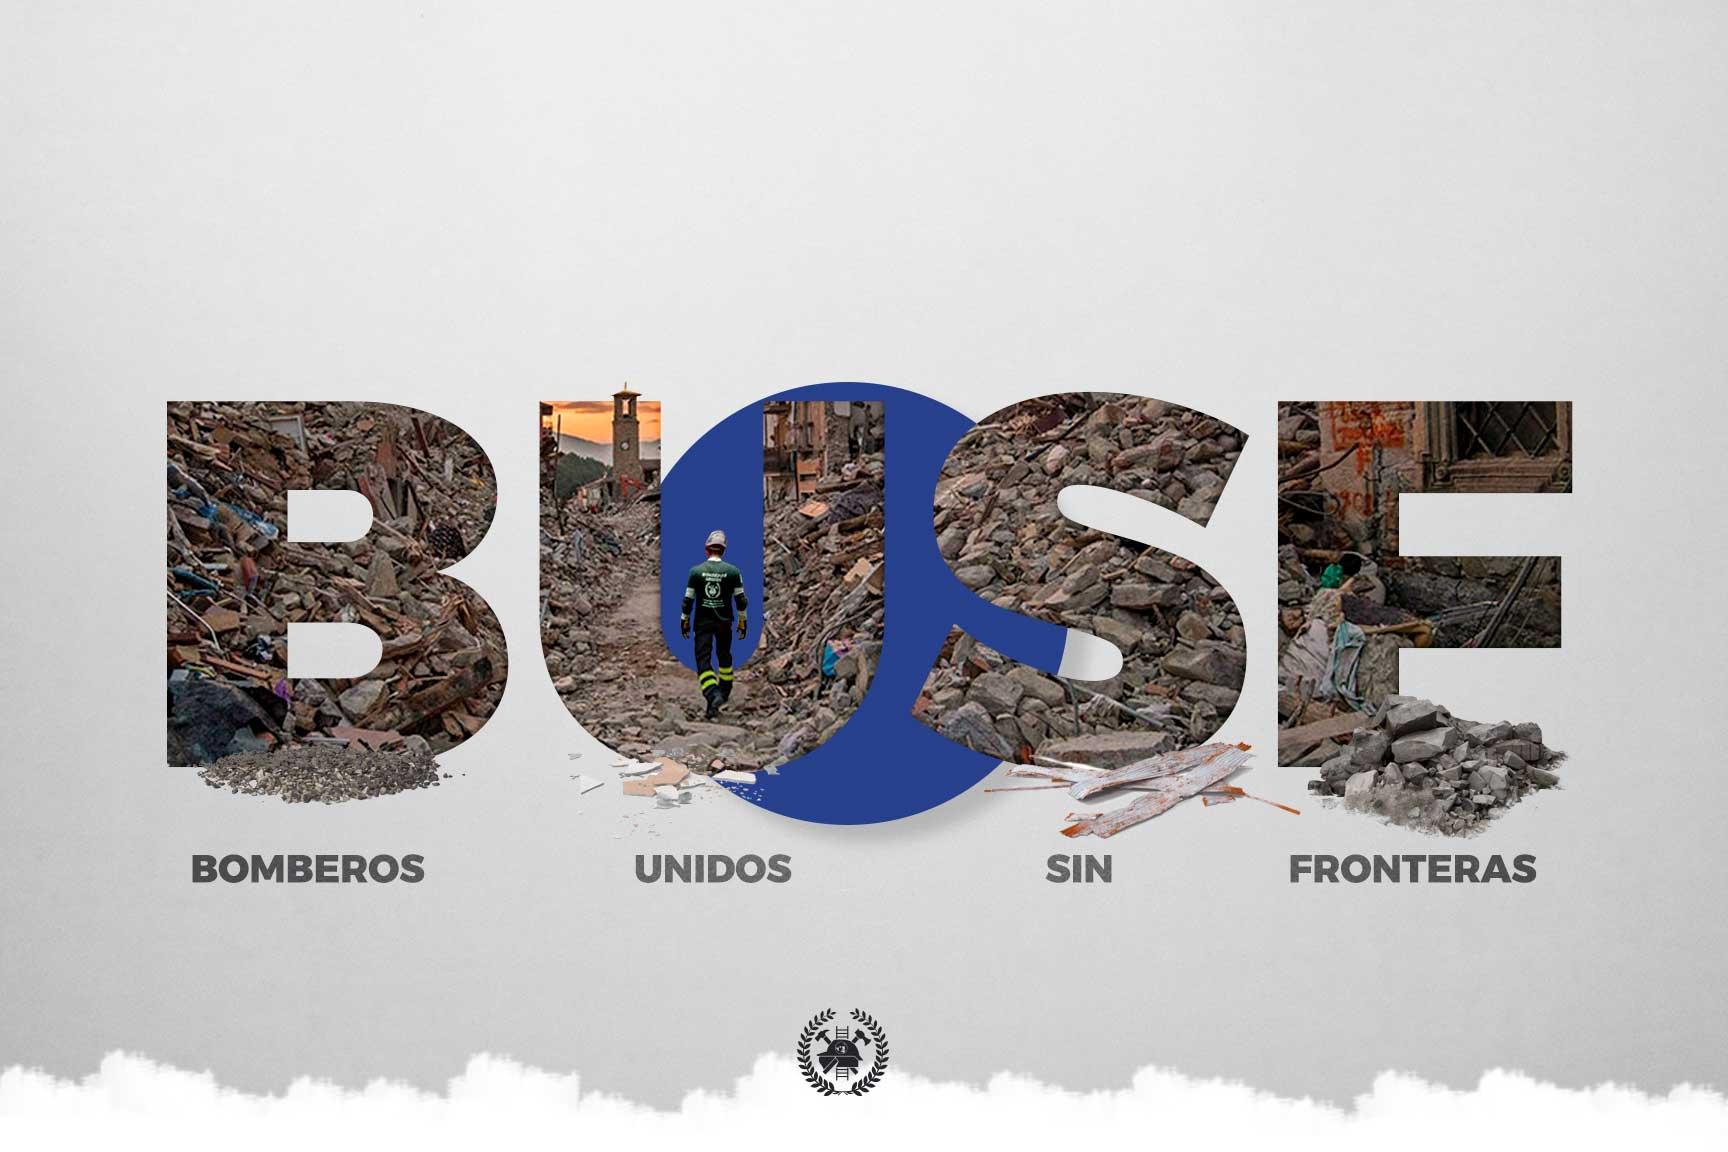 BUSF-Bomberos Unidos Sin Fronteras